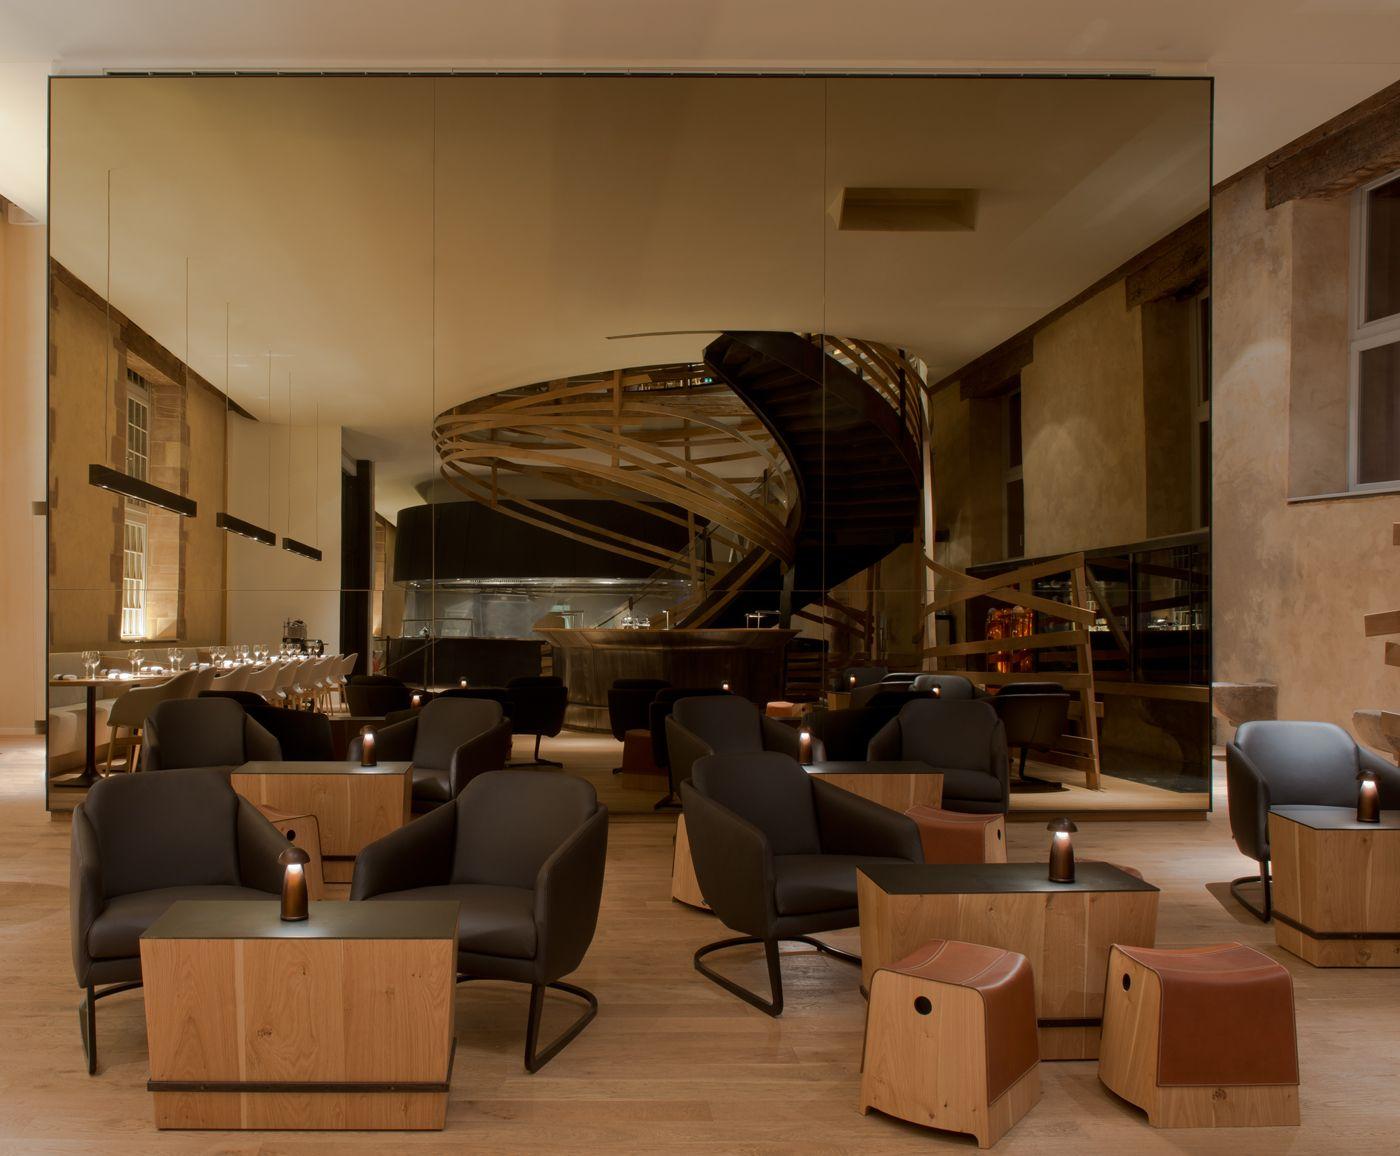 harras-Agence-Jouin-Manku-3866©HeleneHilaire-Brasserie-Les-Haras ...